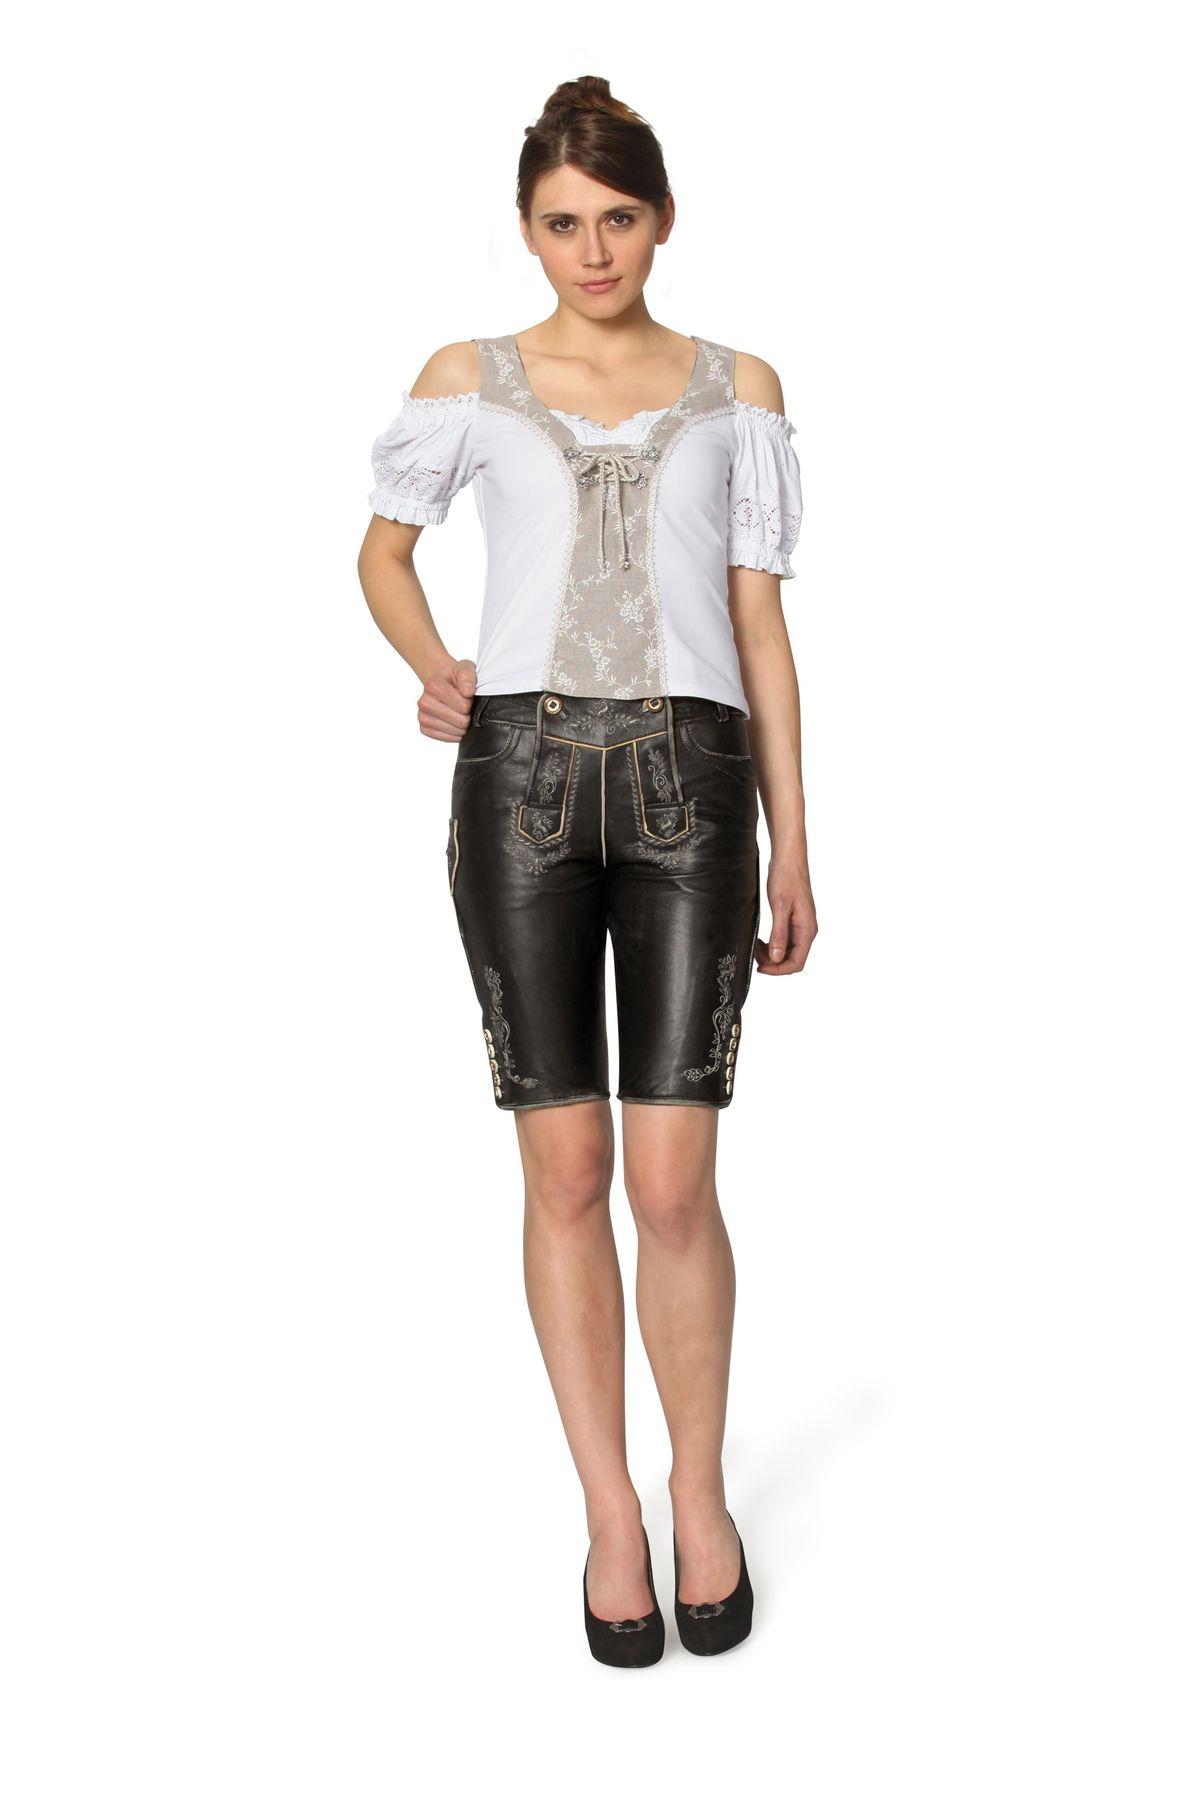 Stockerpoint - Damen Trachten Lederhose aus Ziegen Nappa Leder, Knielang,  Pam – Bild 2